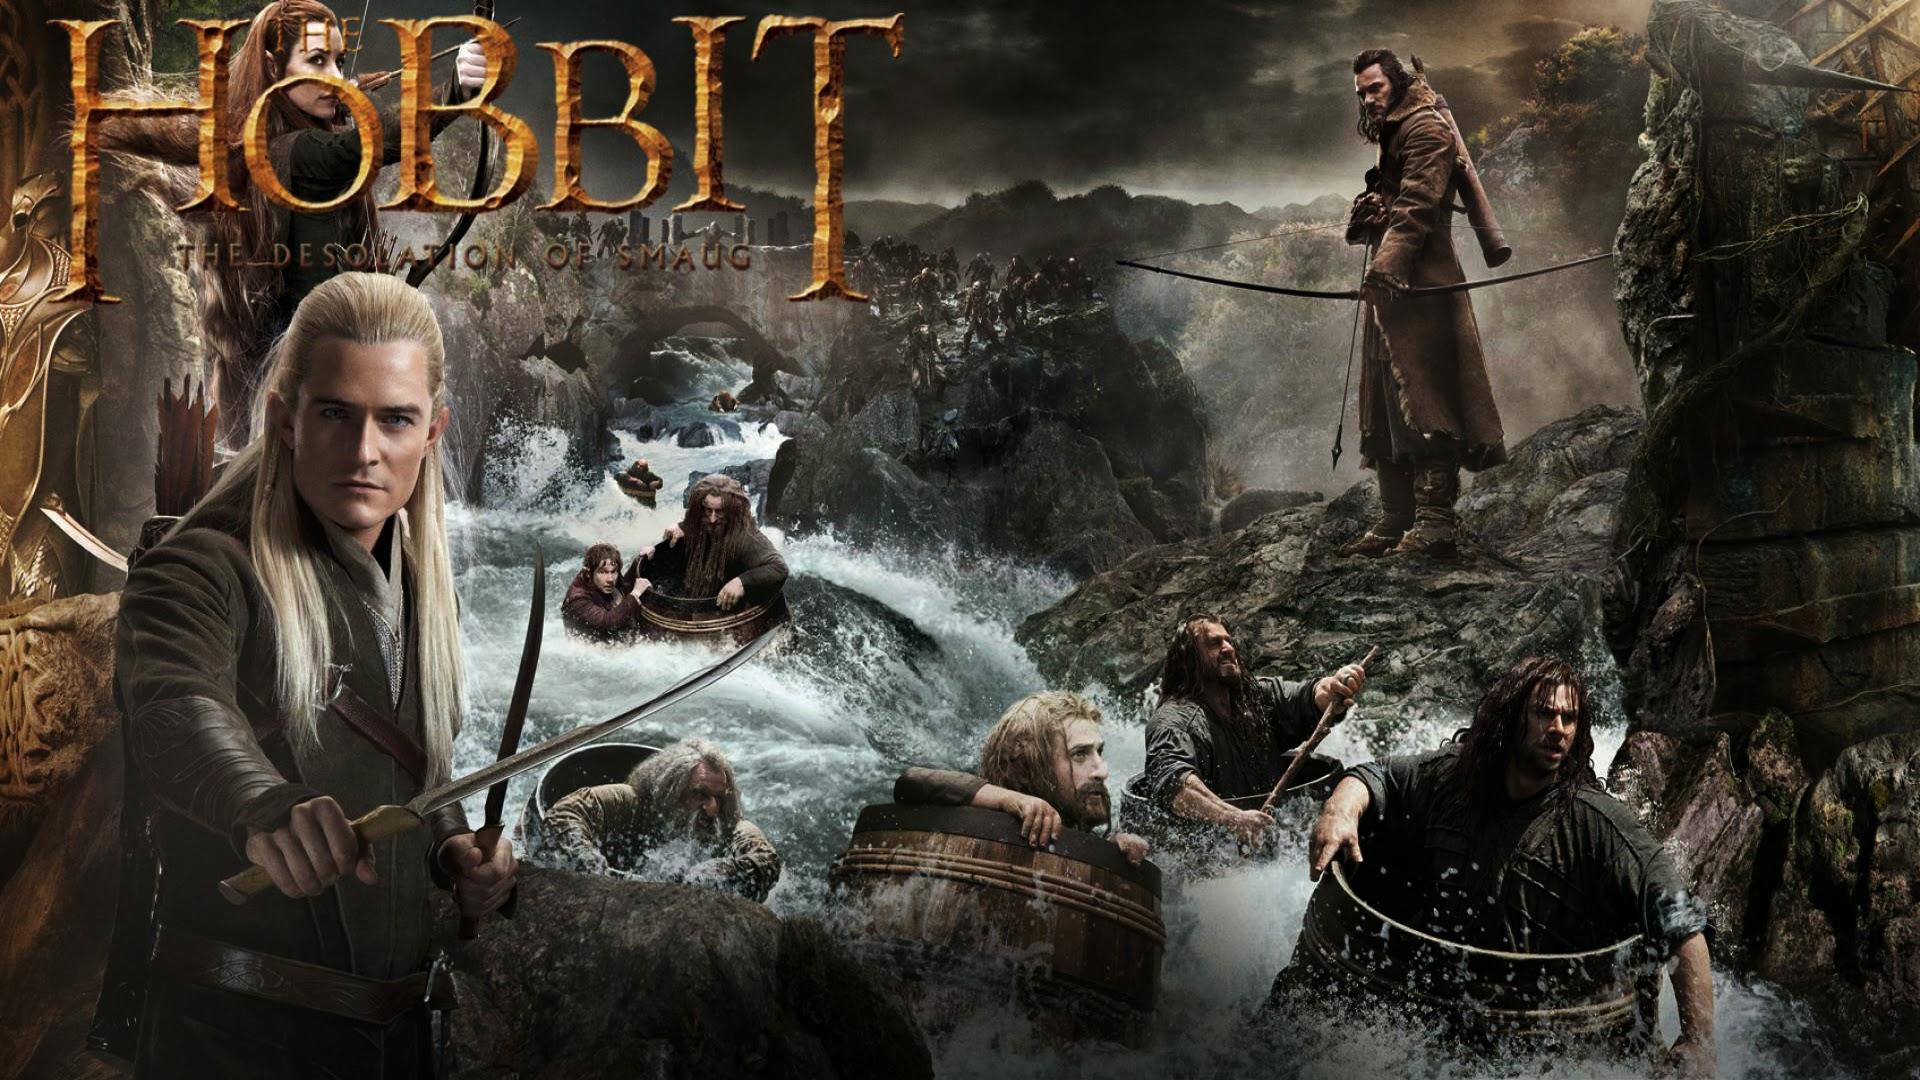 The Hobbit 2013 Wallpaper   Wallpaper High Definition 1920x1080